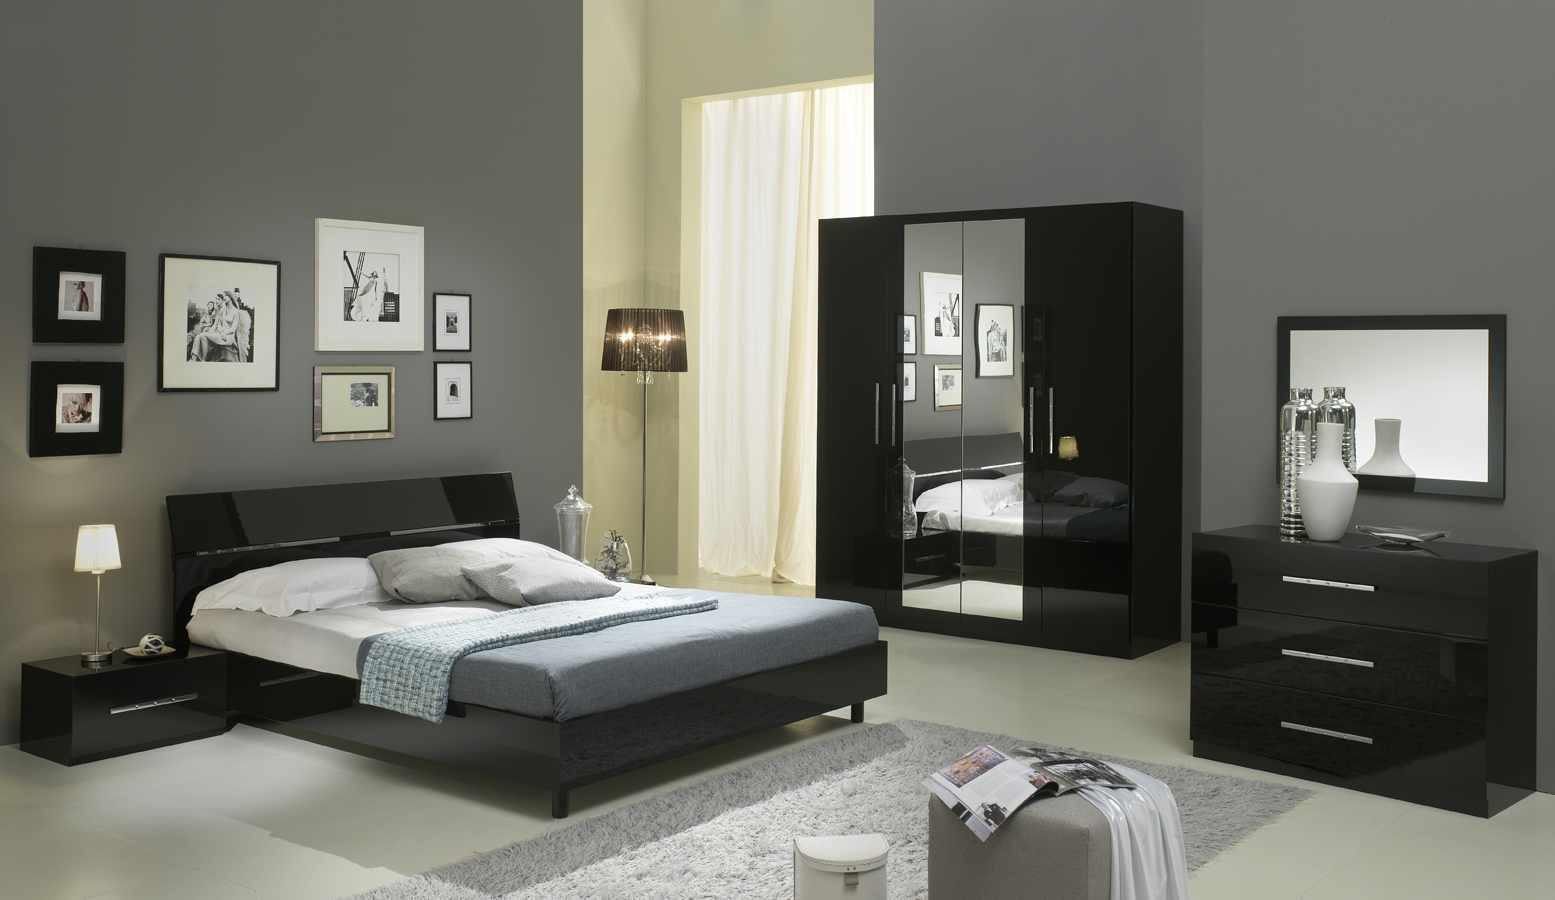 Chambre à coucher : quelles couleurs ? – Des astuces pour la